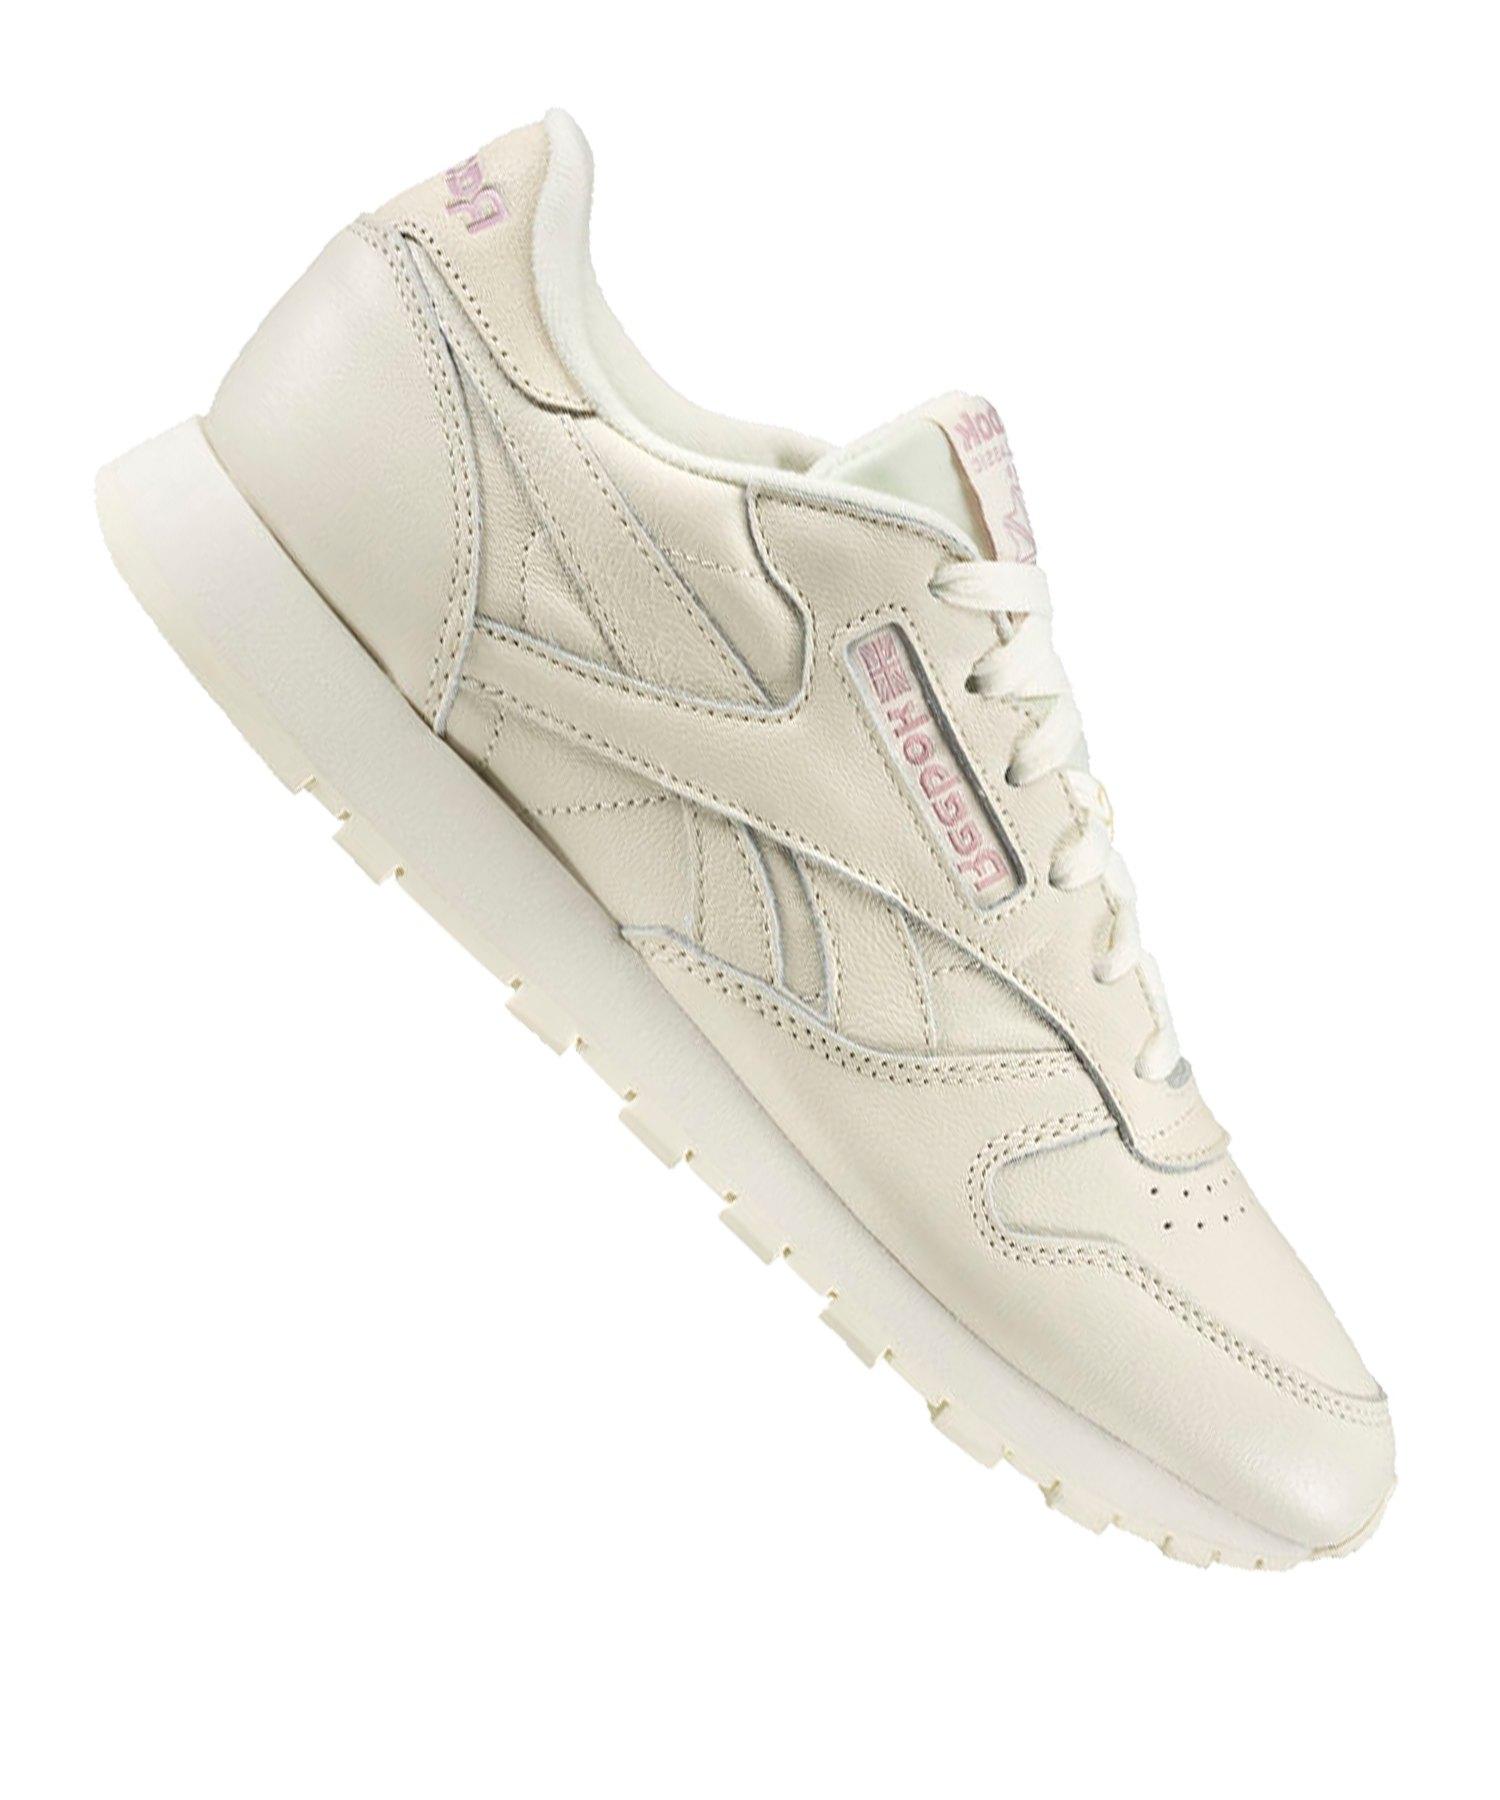 meet 1fb9f 20514 Reebok Classic Leather Sneaker Damen Weiss